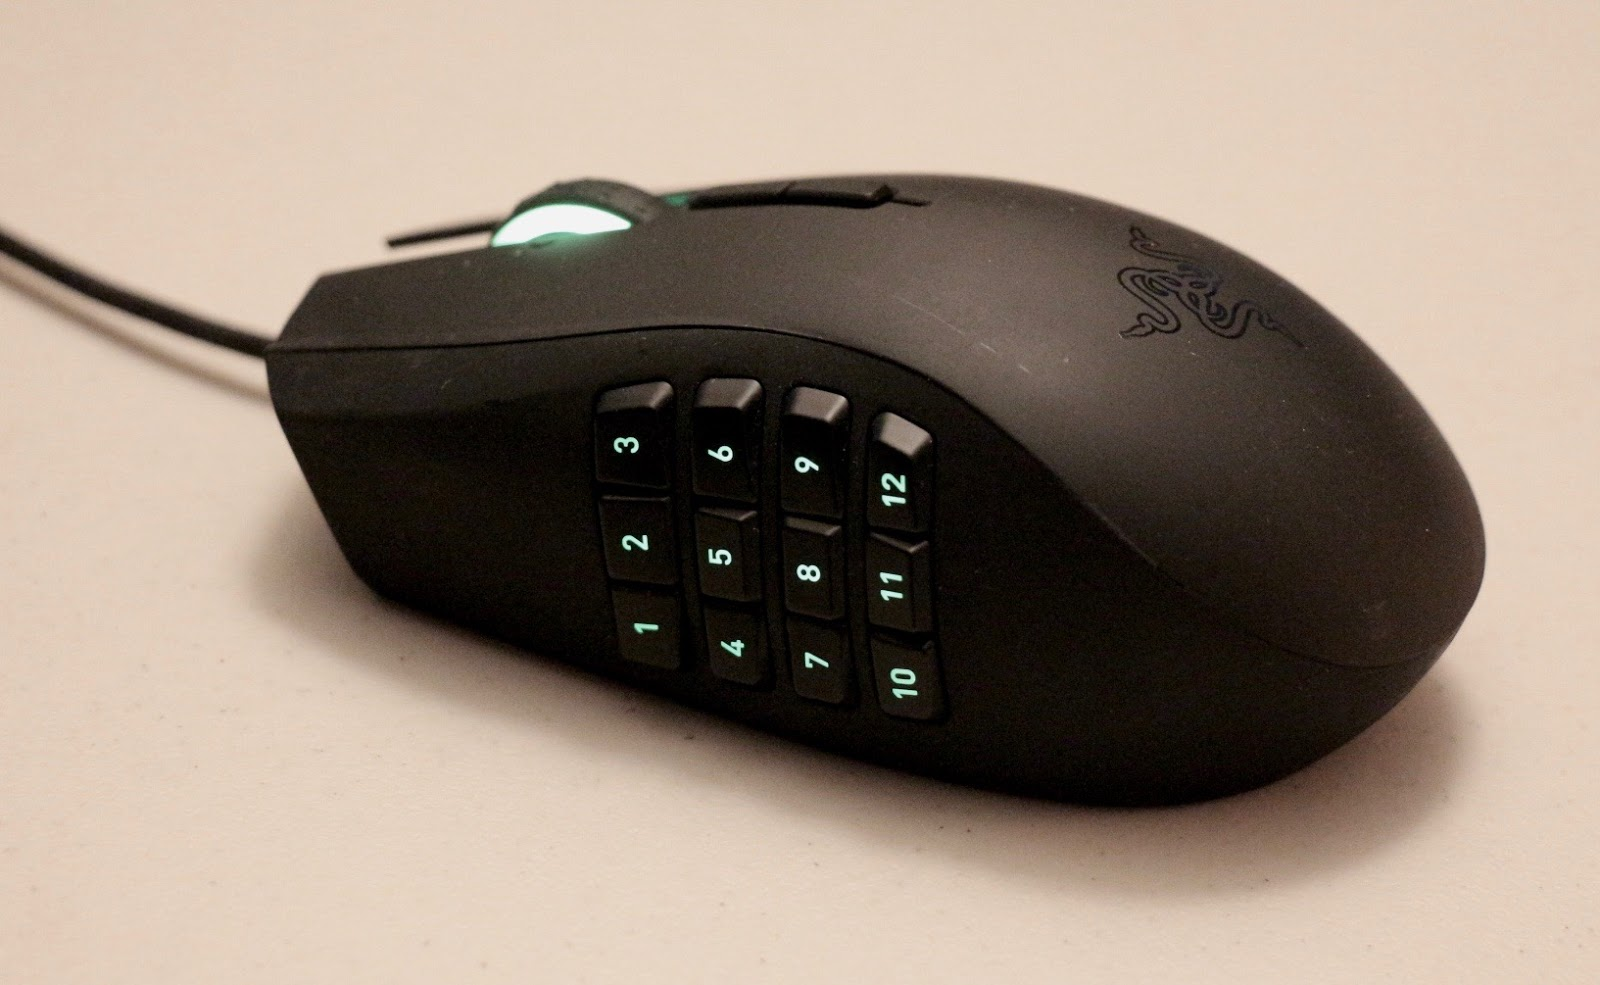 Razer Mamba Te Vs Naga Epic Chroma Mouse Wired Wireless Mmo Gaming Nage